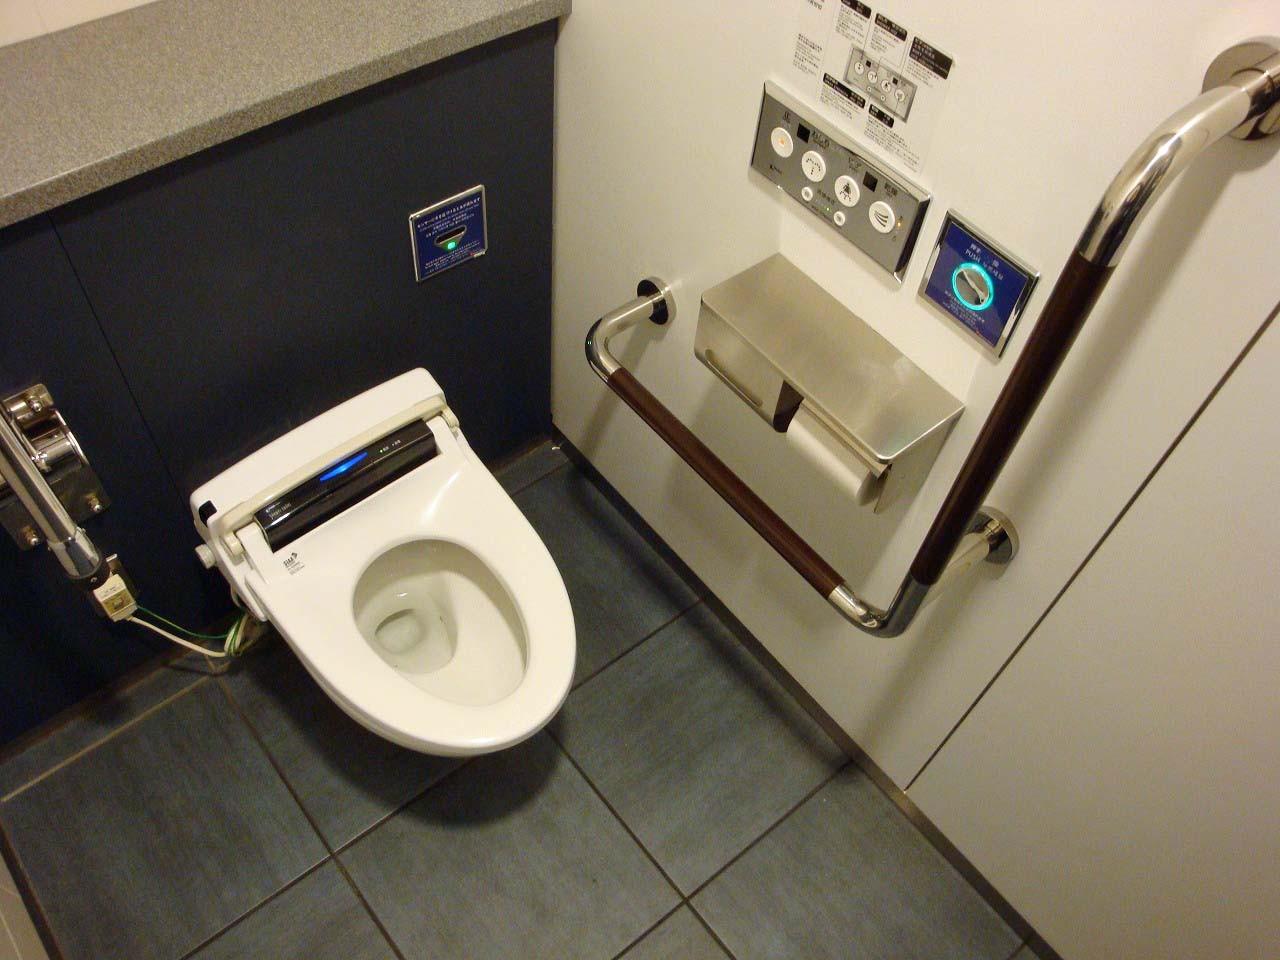 お手洗いもすごく広いんだぁ。(゜∀゜)しちゃった